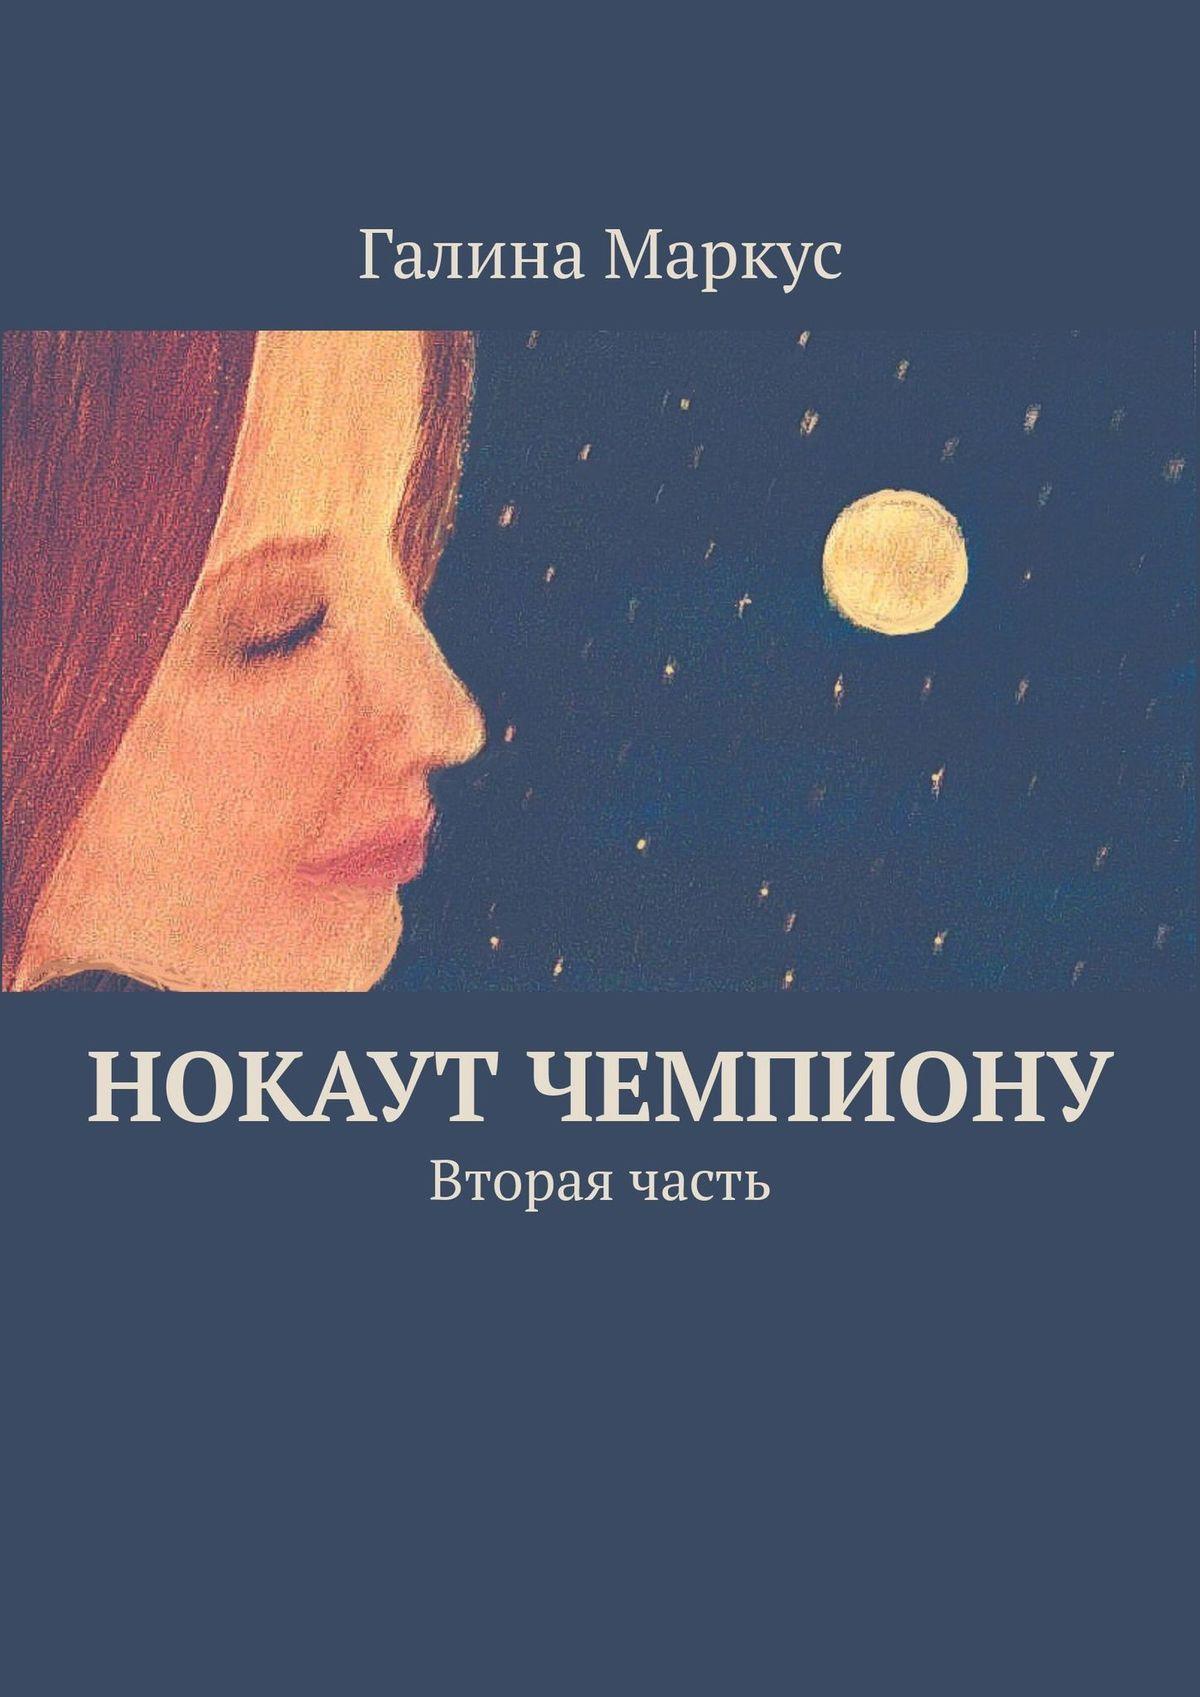 Галина Маркус - Нокаут чемпиону. Часть2